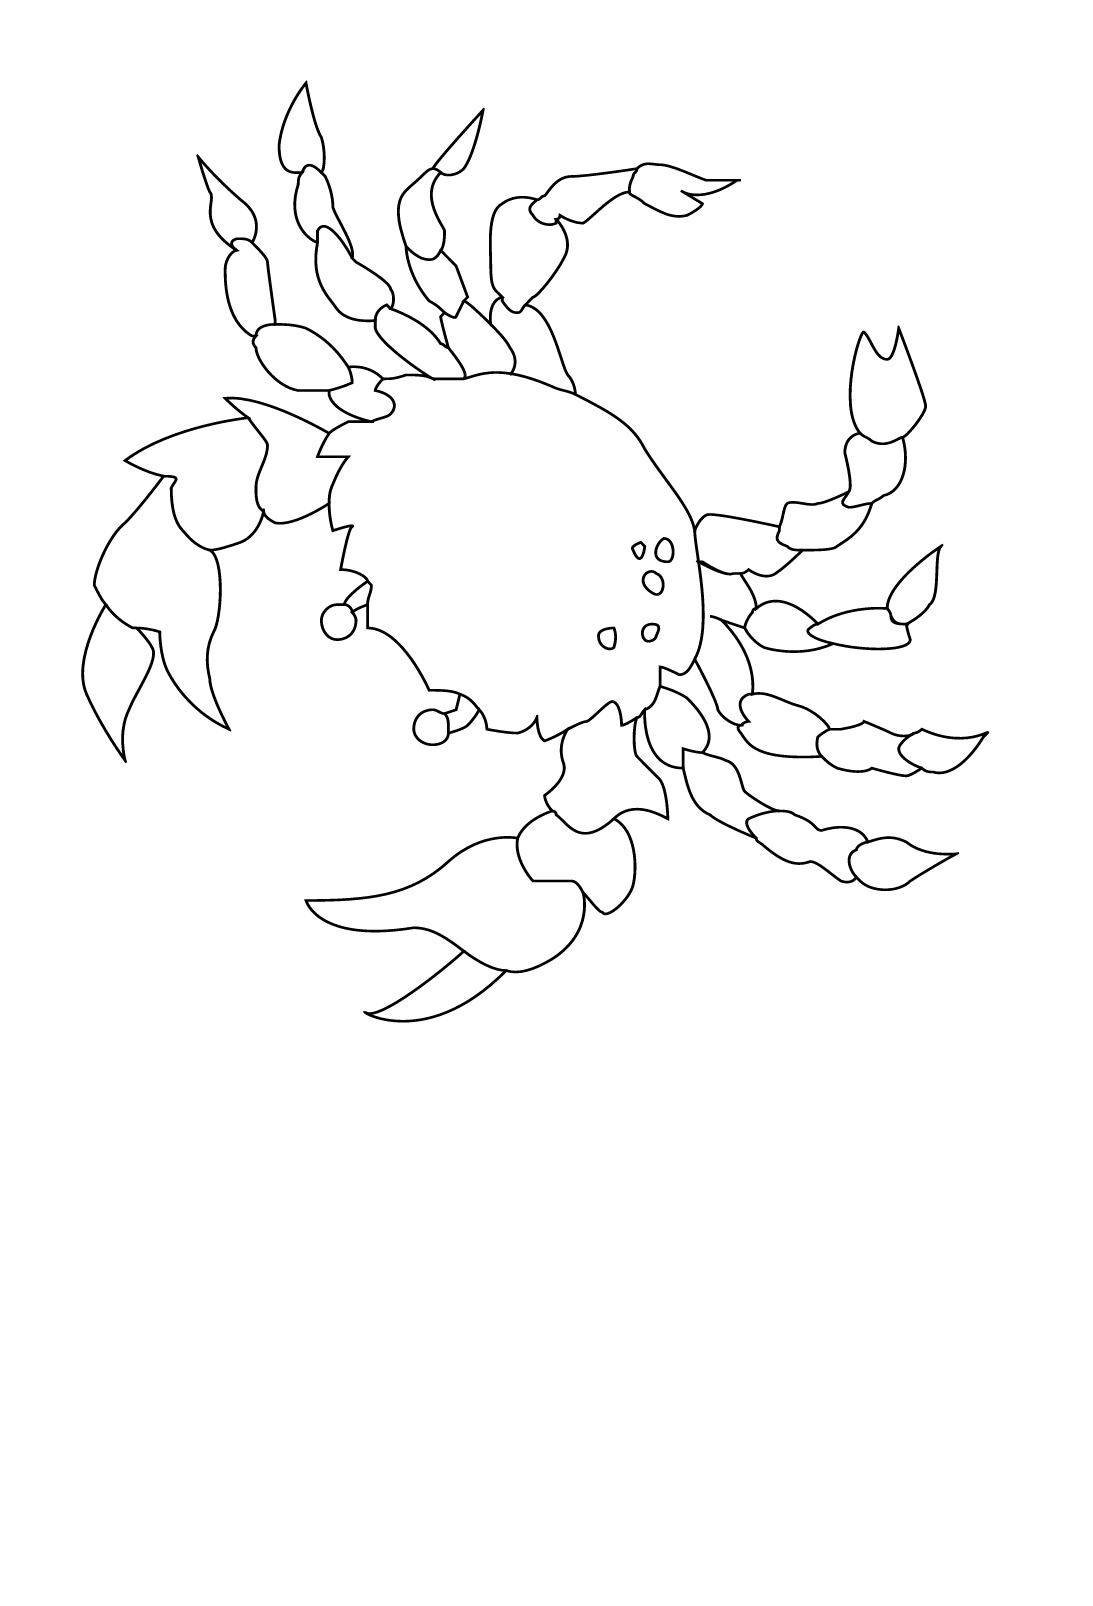 Bộ sưu tập tranh tô màu con cua cho bé khám phá thế giới đại dương 31